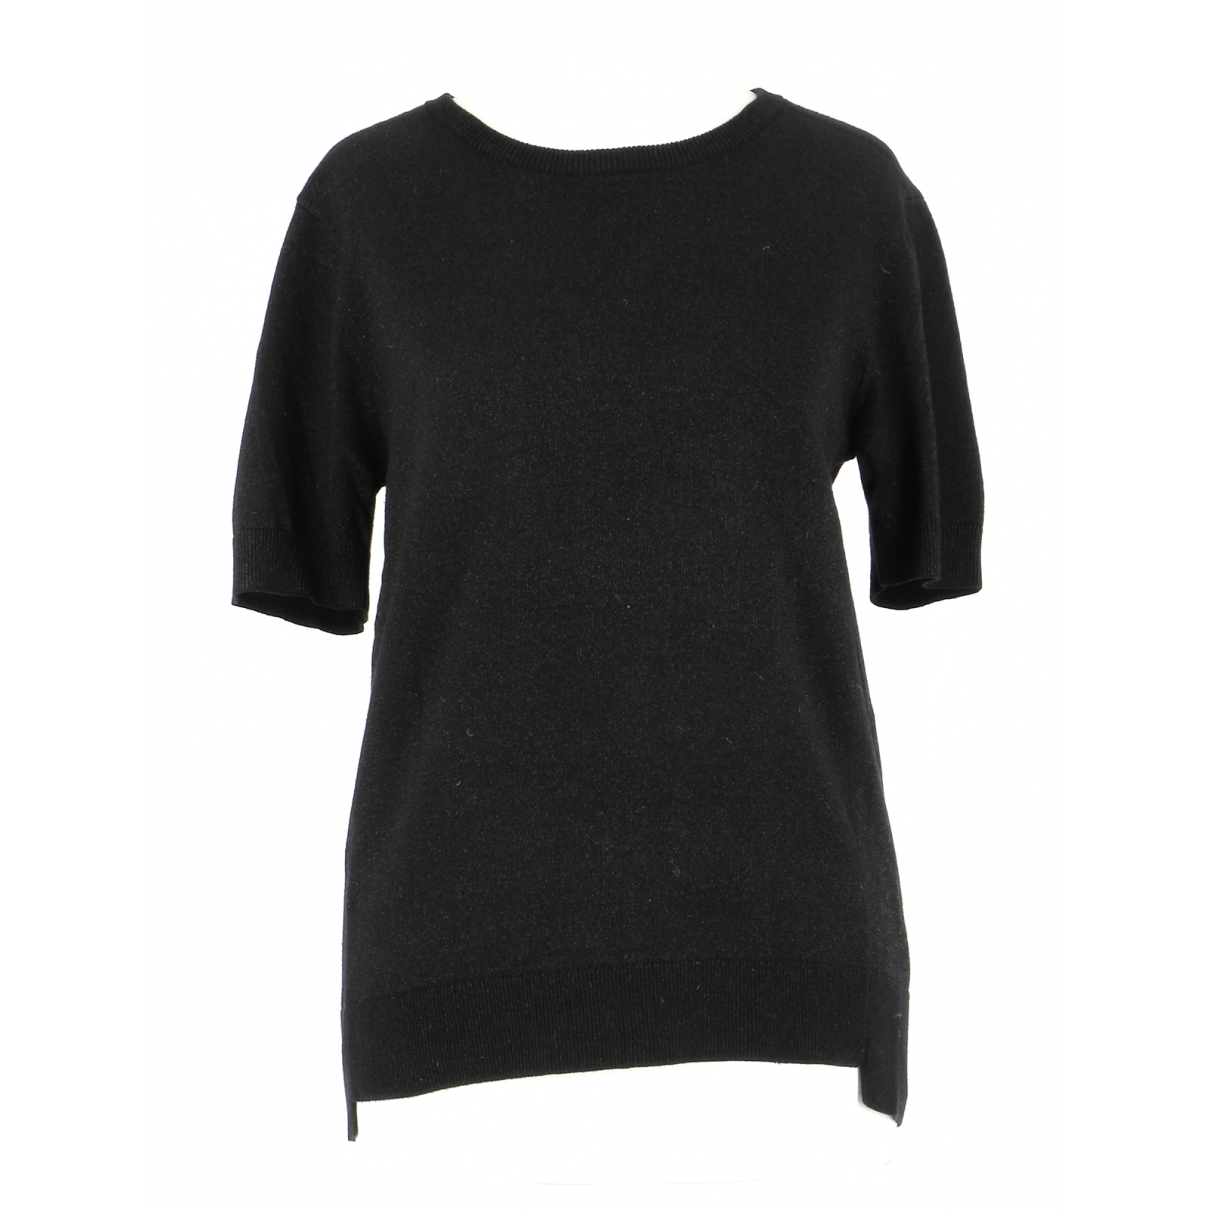 Comptoir Des Cotonniers N Black Wool Knitwear & Sweatshirts for Men 36 UK - US